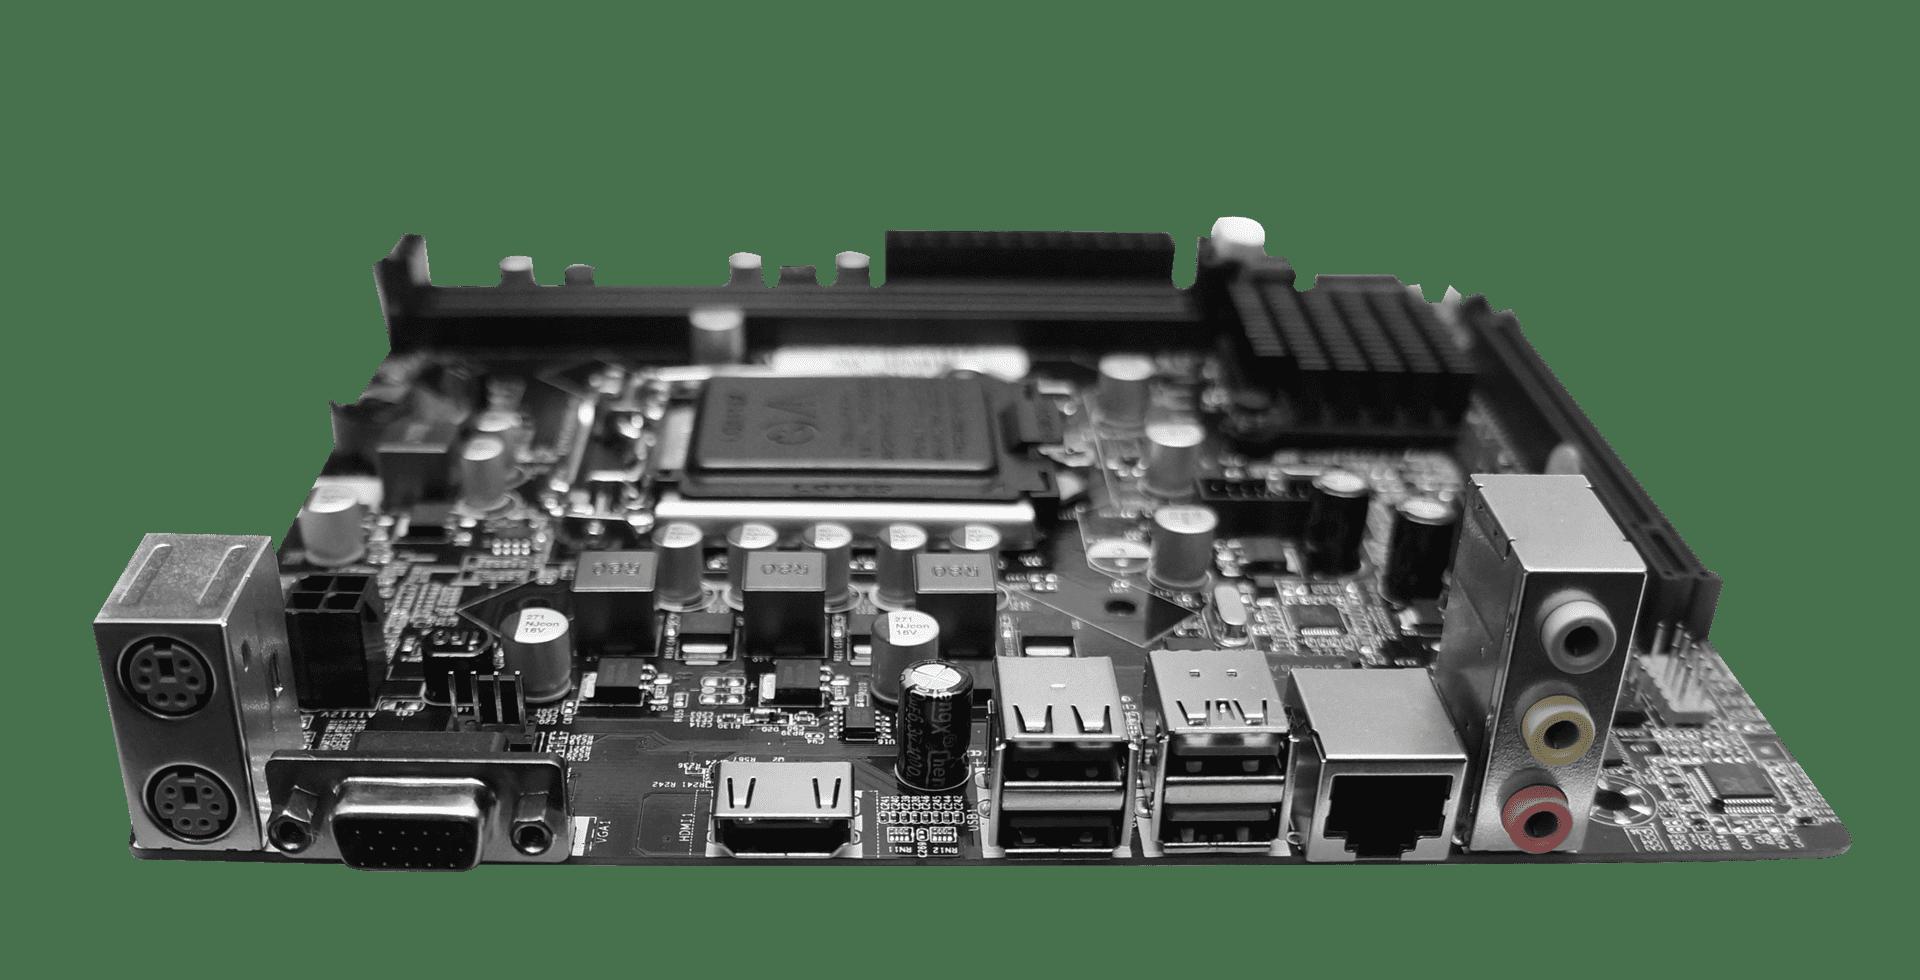 Paca Mãe Atx 1155 i3 i5 i7 BPC-B75M c/ Hdmi USB 3.0 Intel